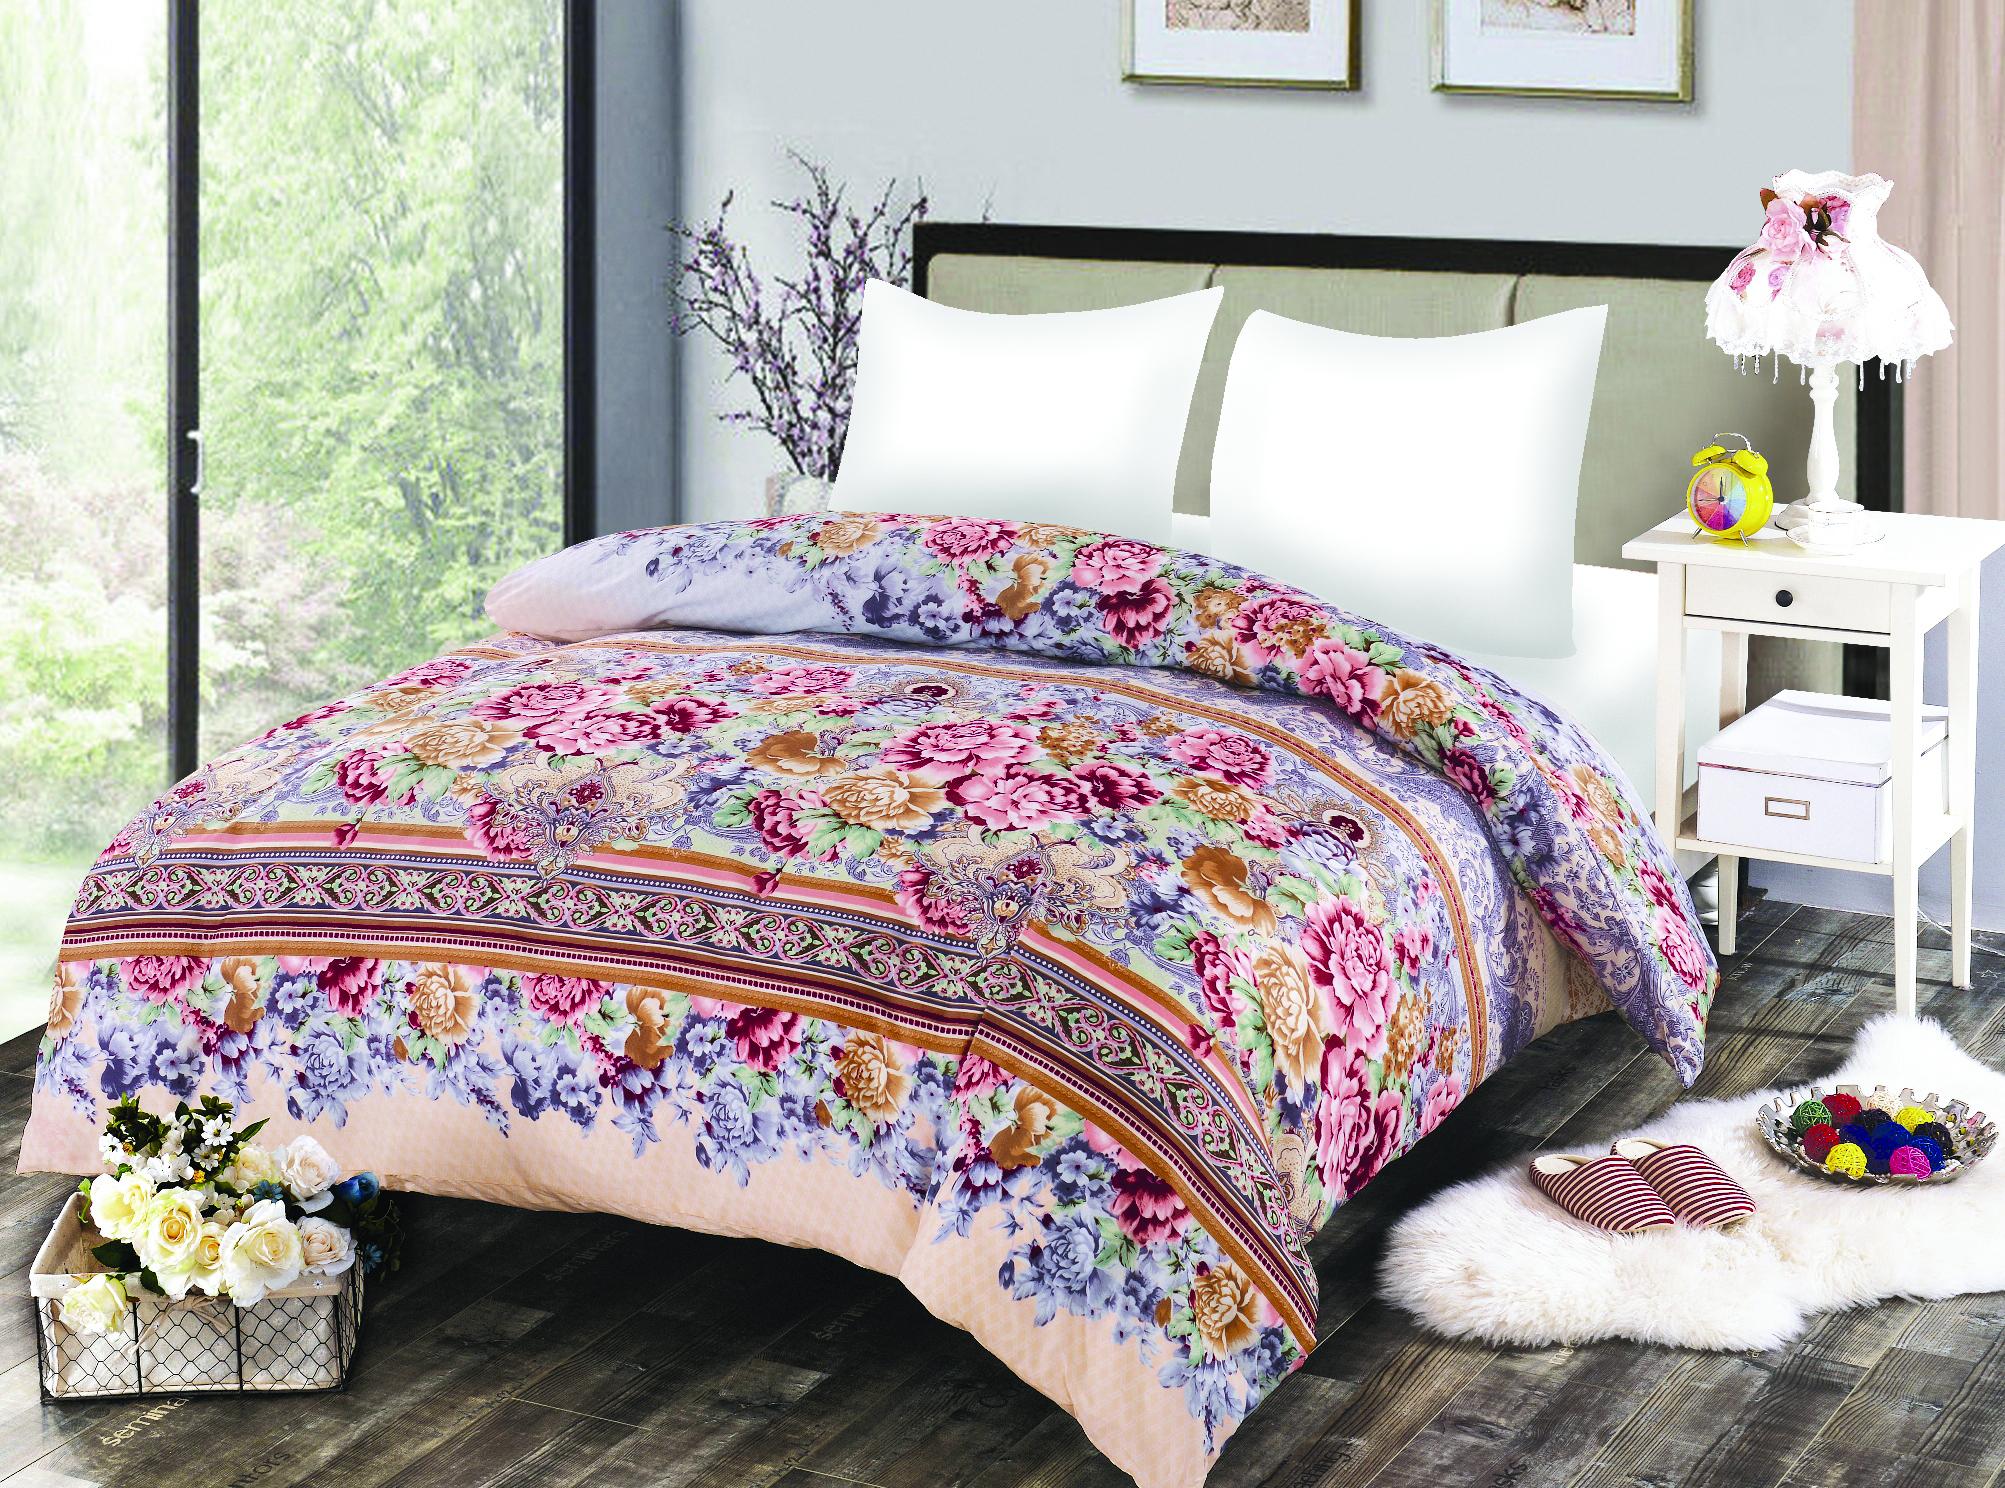 Купить Пледы и покрывала Amore Mio, Покрывало Molly (200х220 см), Китай, Мультиколор, Синтетический сатин